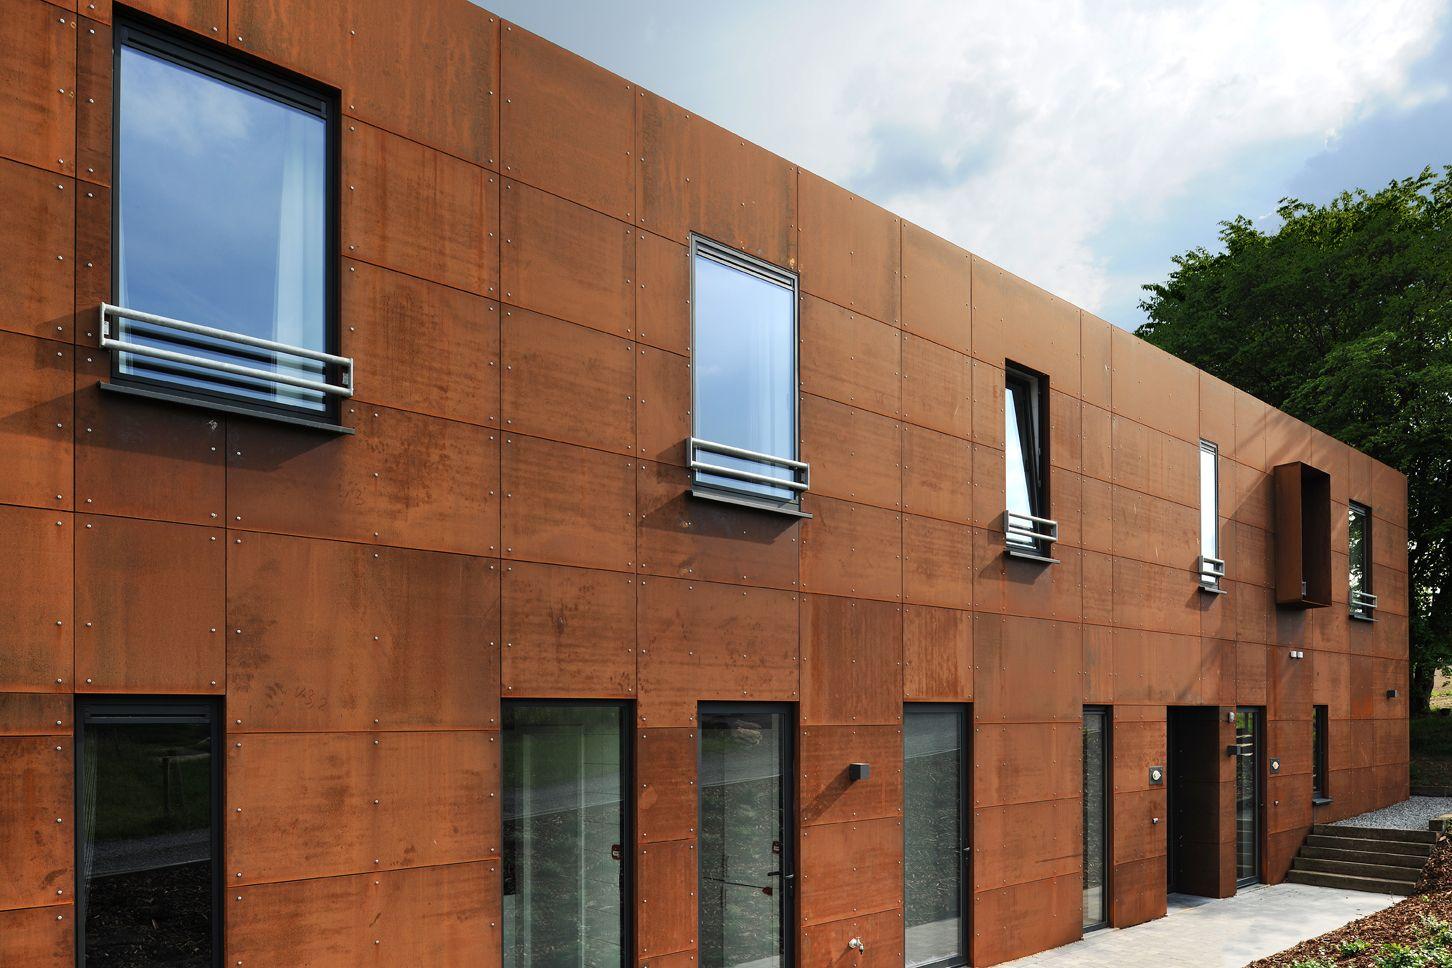 Luc spits architecture companies rénovation et transformation dune maison en gîte